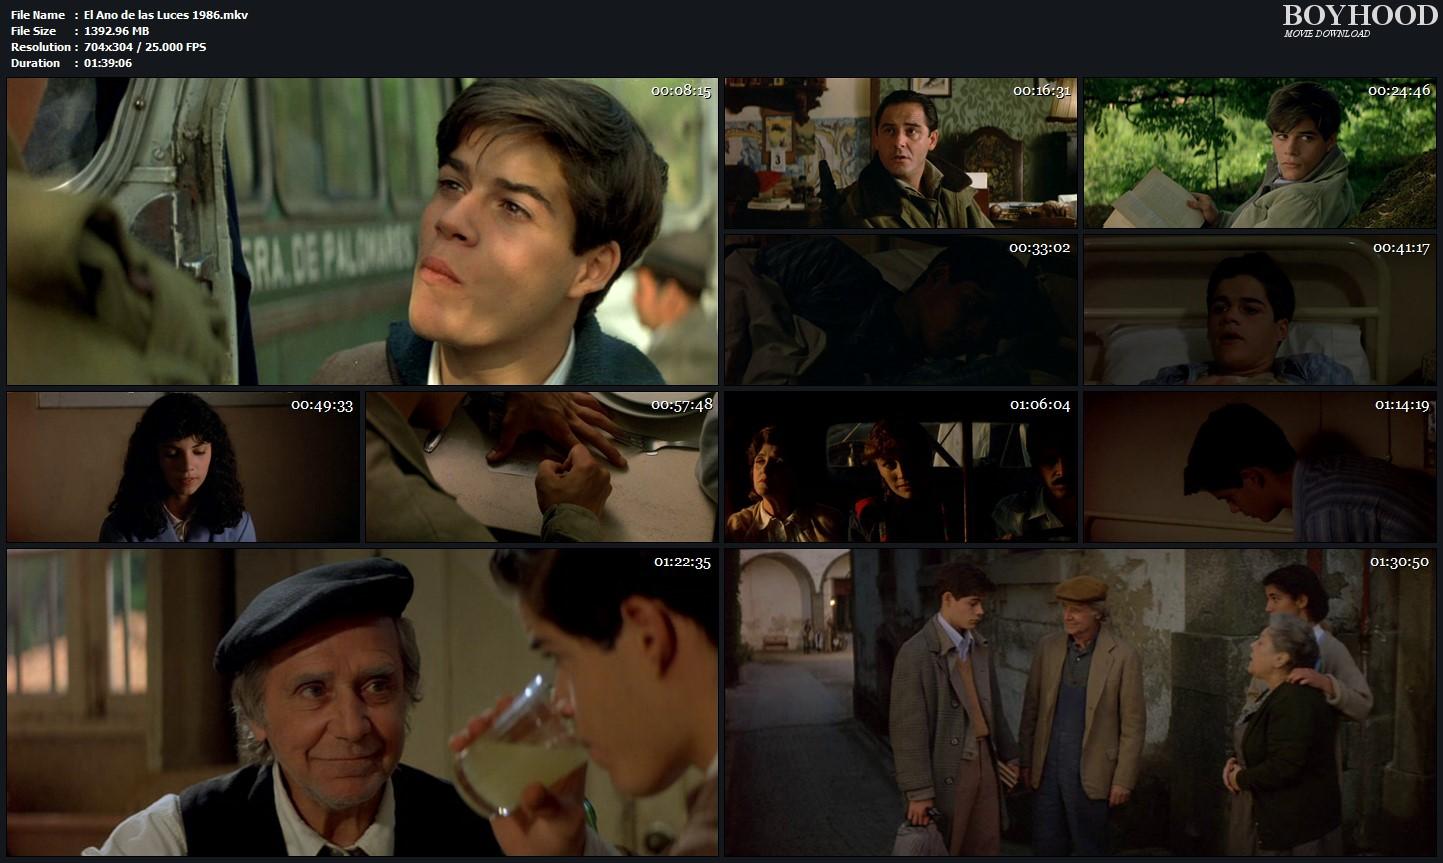 El Ano de las Luces 1986